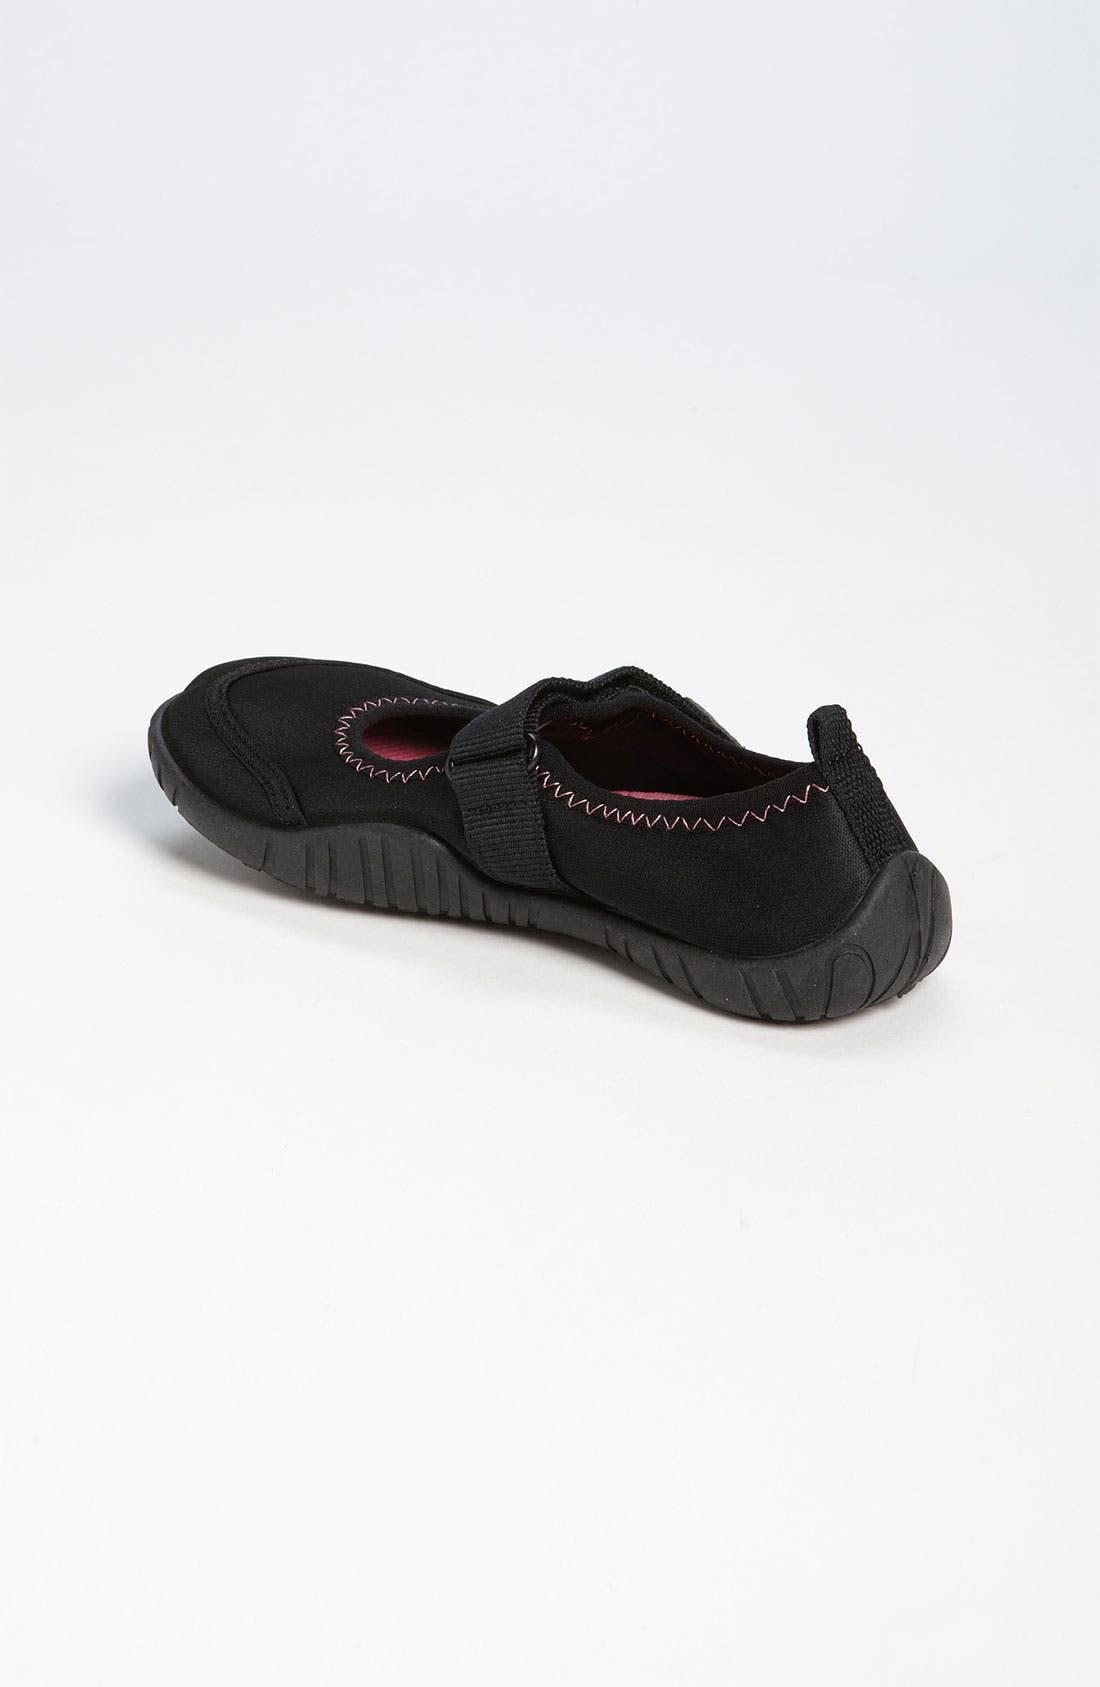 Alternate Image 2  - Nordstrom 'Tide' Aqua Shoes (Walker, Toddler, Little Kid & Big Kid)